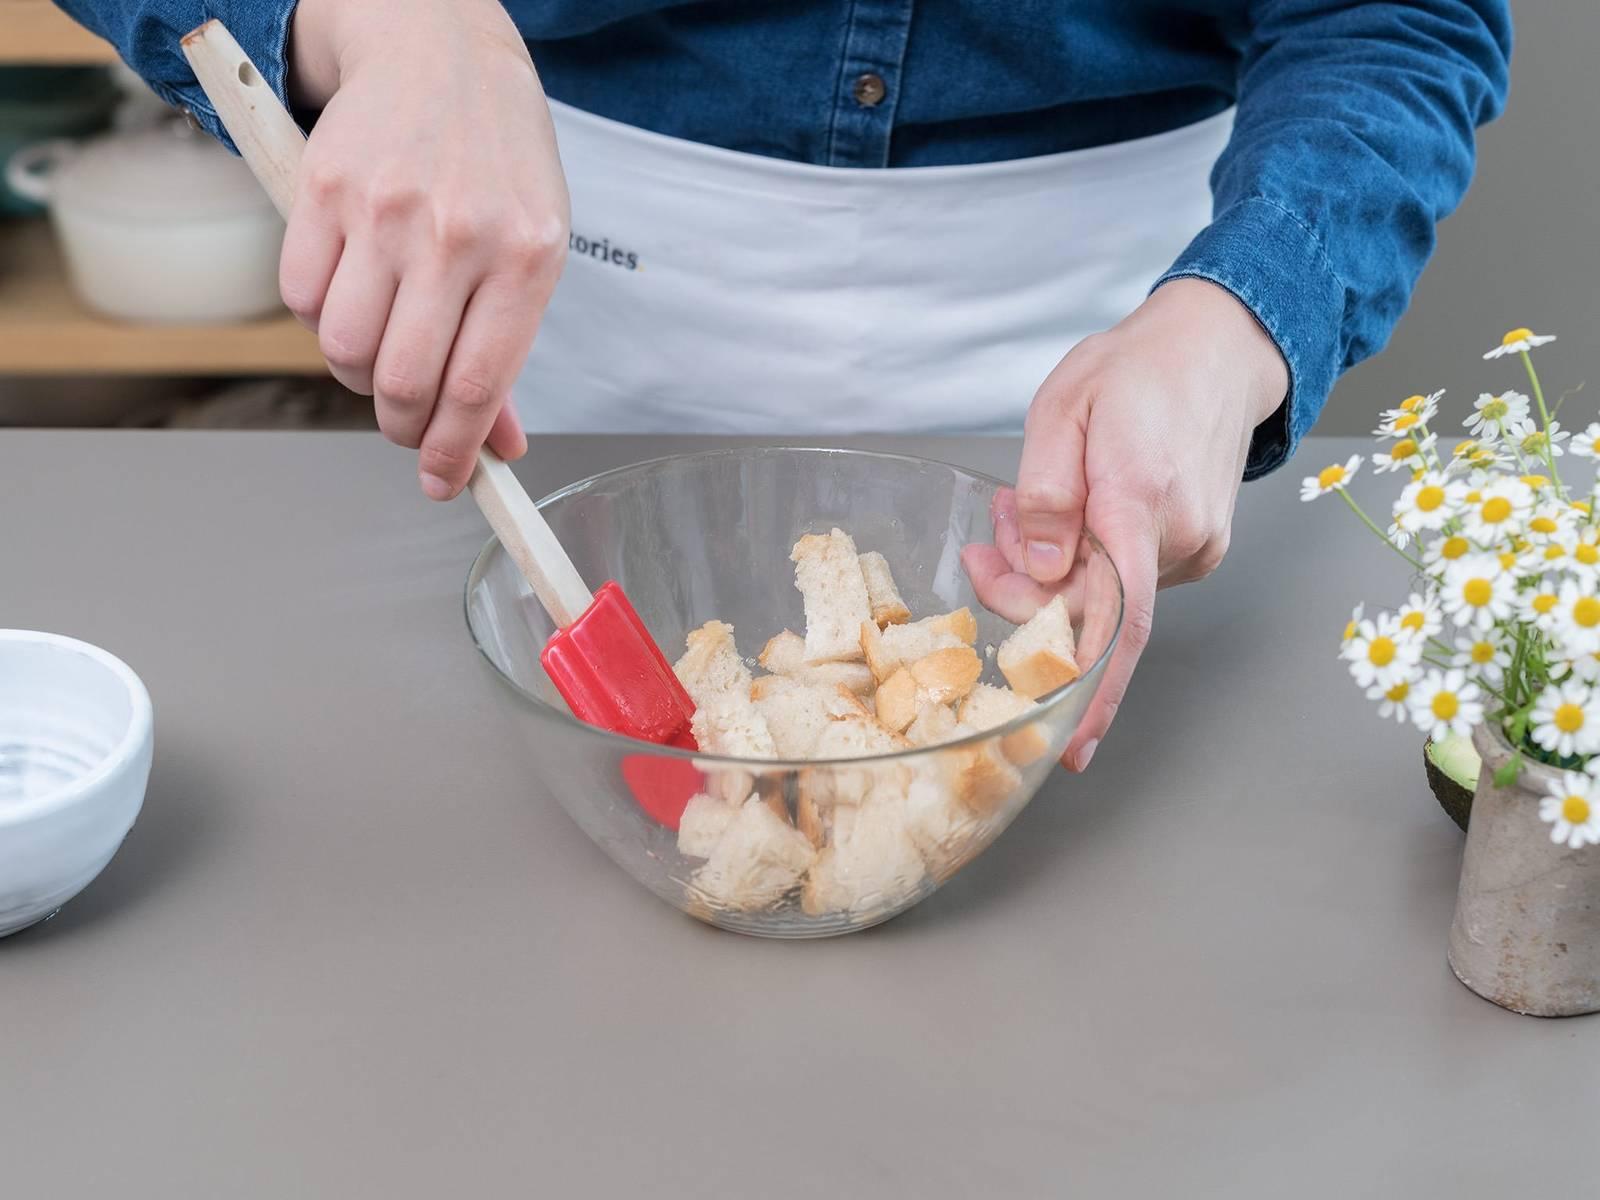 将面包切丁,将椰油倒在面包丁上,直至所有面包都均匀地浸泡到油里。